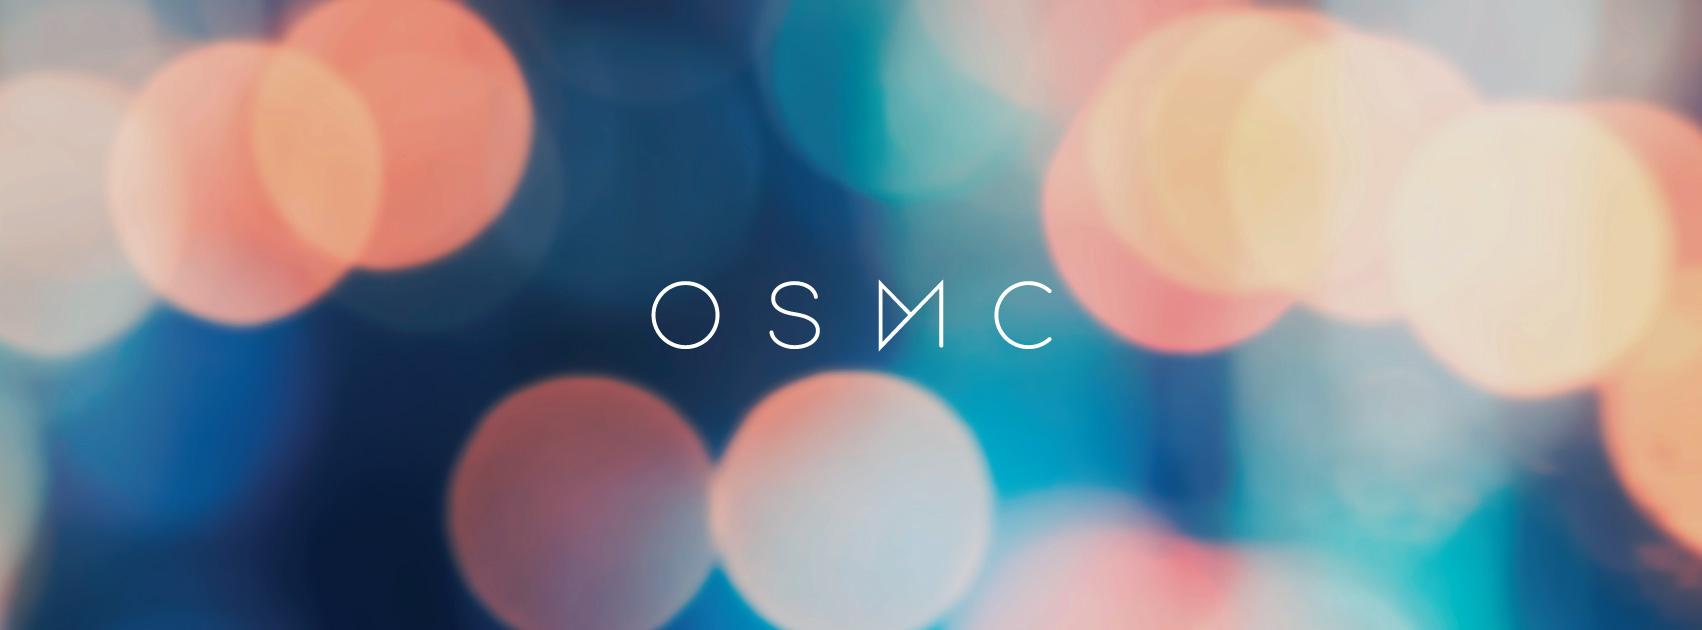 Nom : OSMC_FB_Banner.jpg Affichages : 20570 Taille : 121,5 Ko